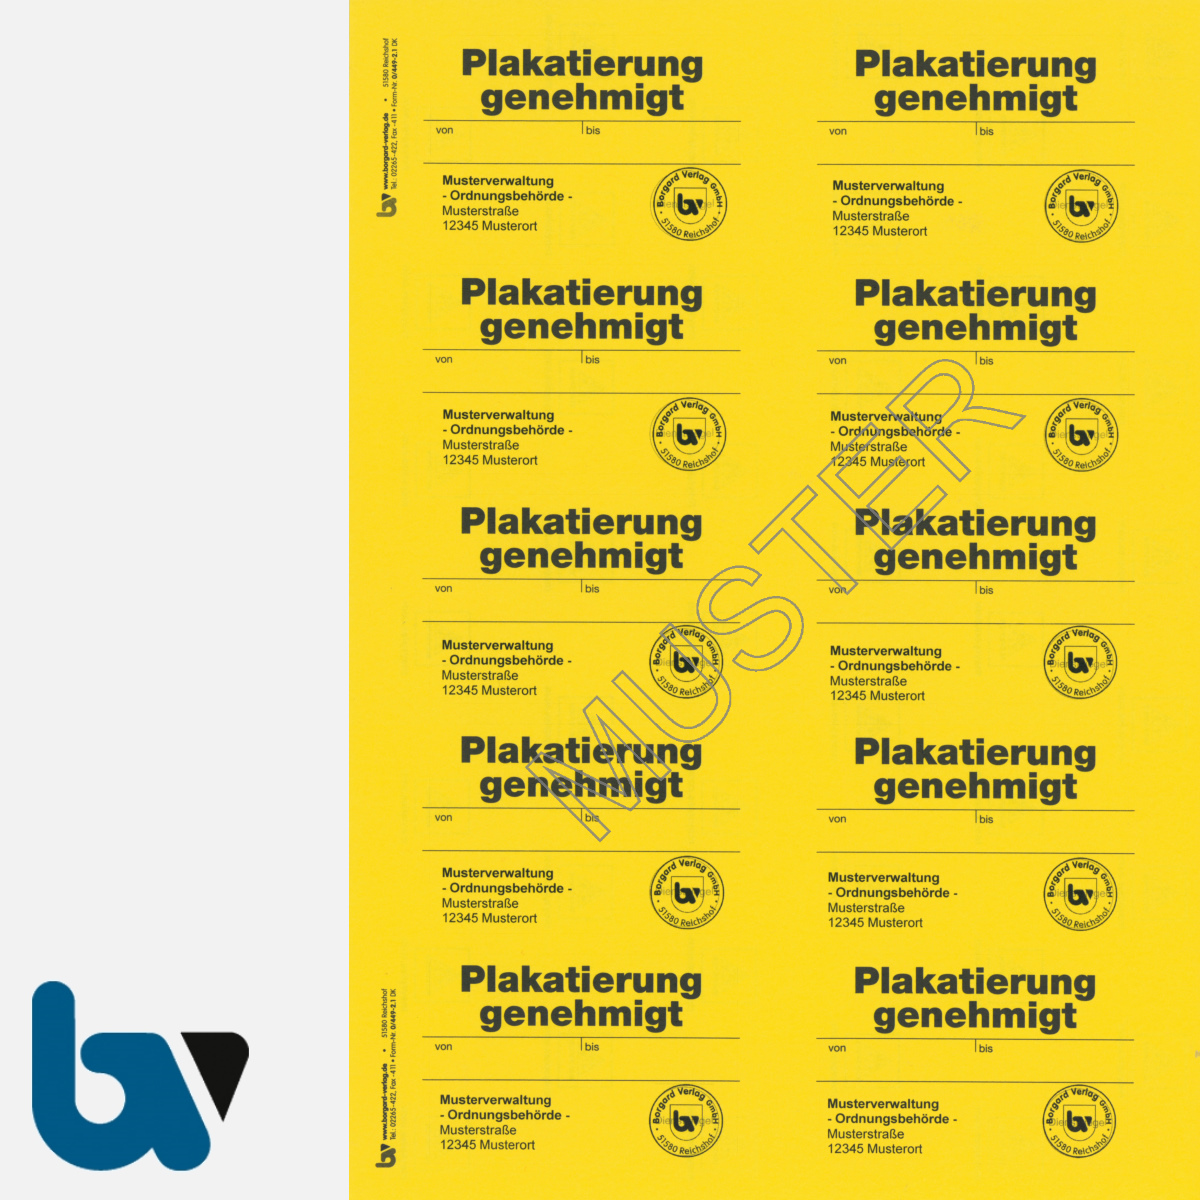 0/449-2.1 Aufkleber Plakatierung Genehmigt Muster leucht gelb 75 x 50 mm selbstklebend Bogen 10 Stück DIN A4   Borgard Verlag GmbH